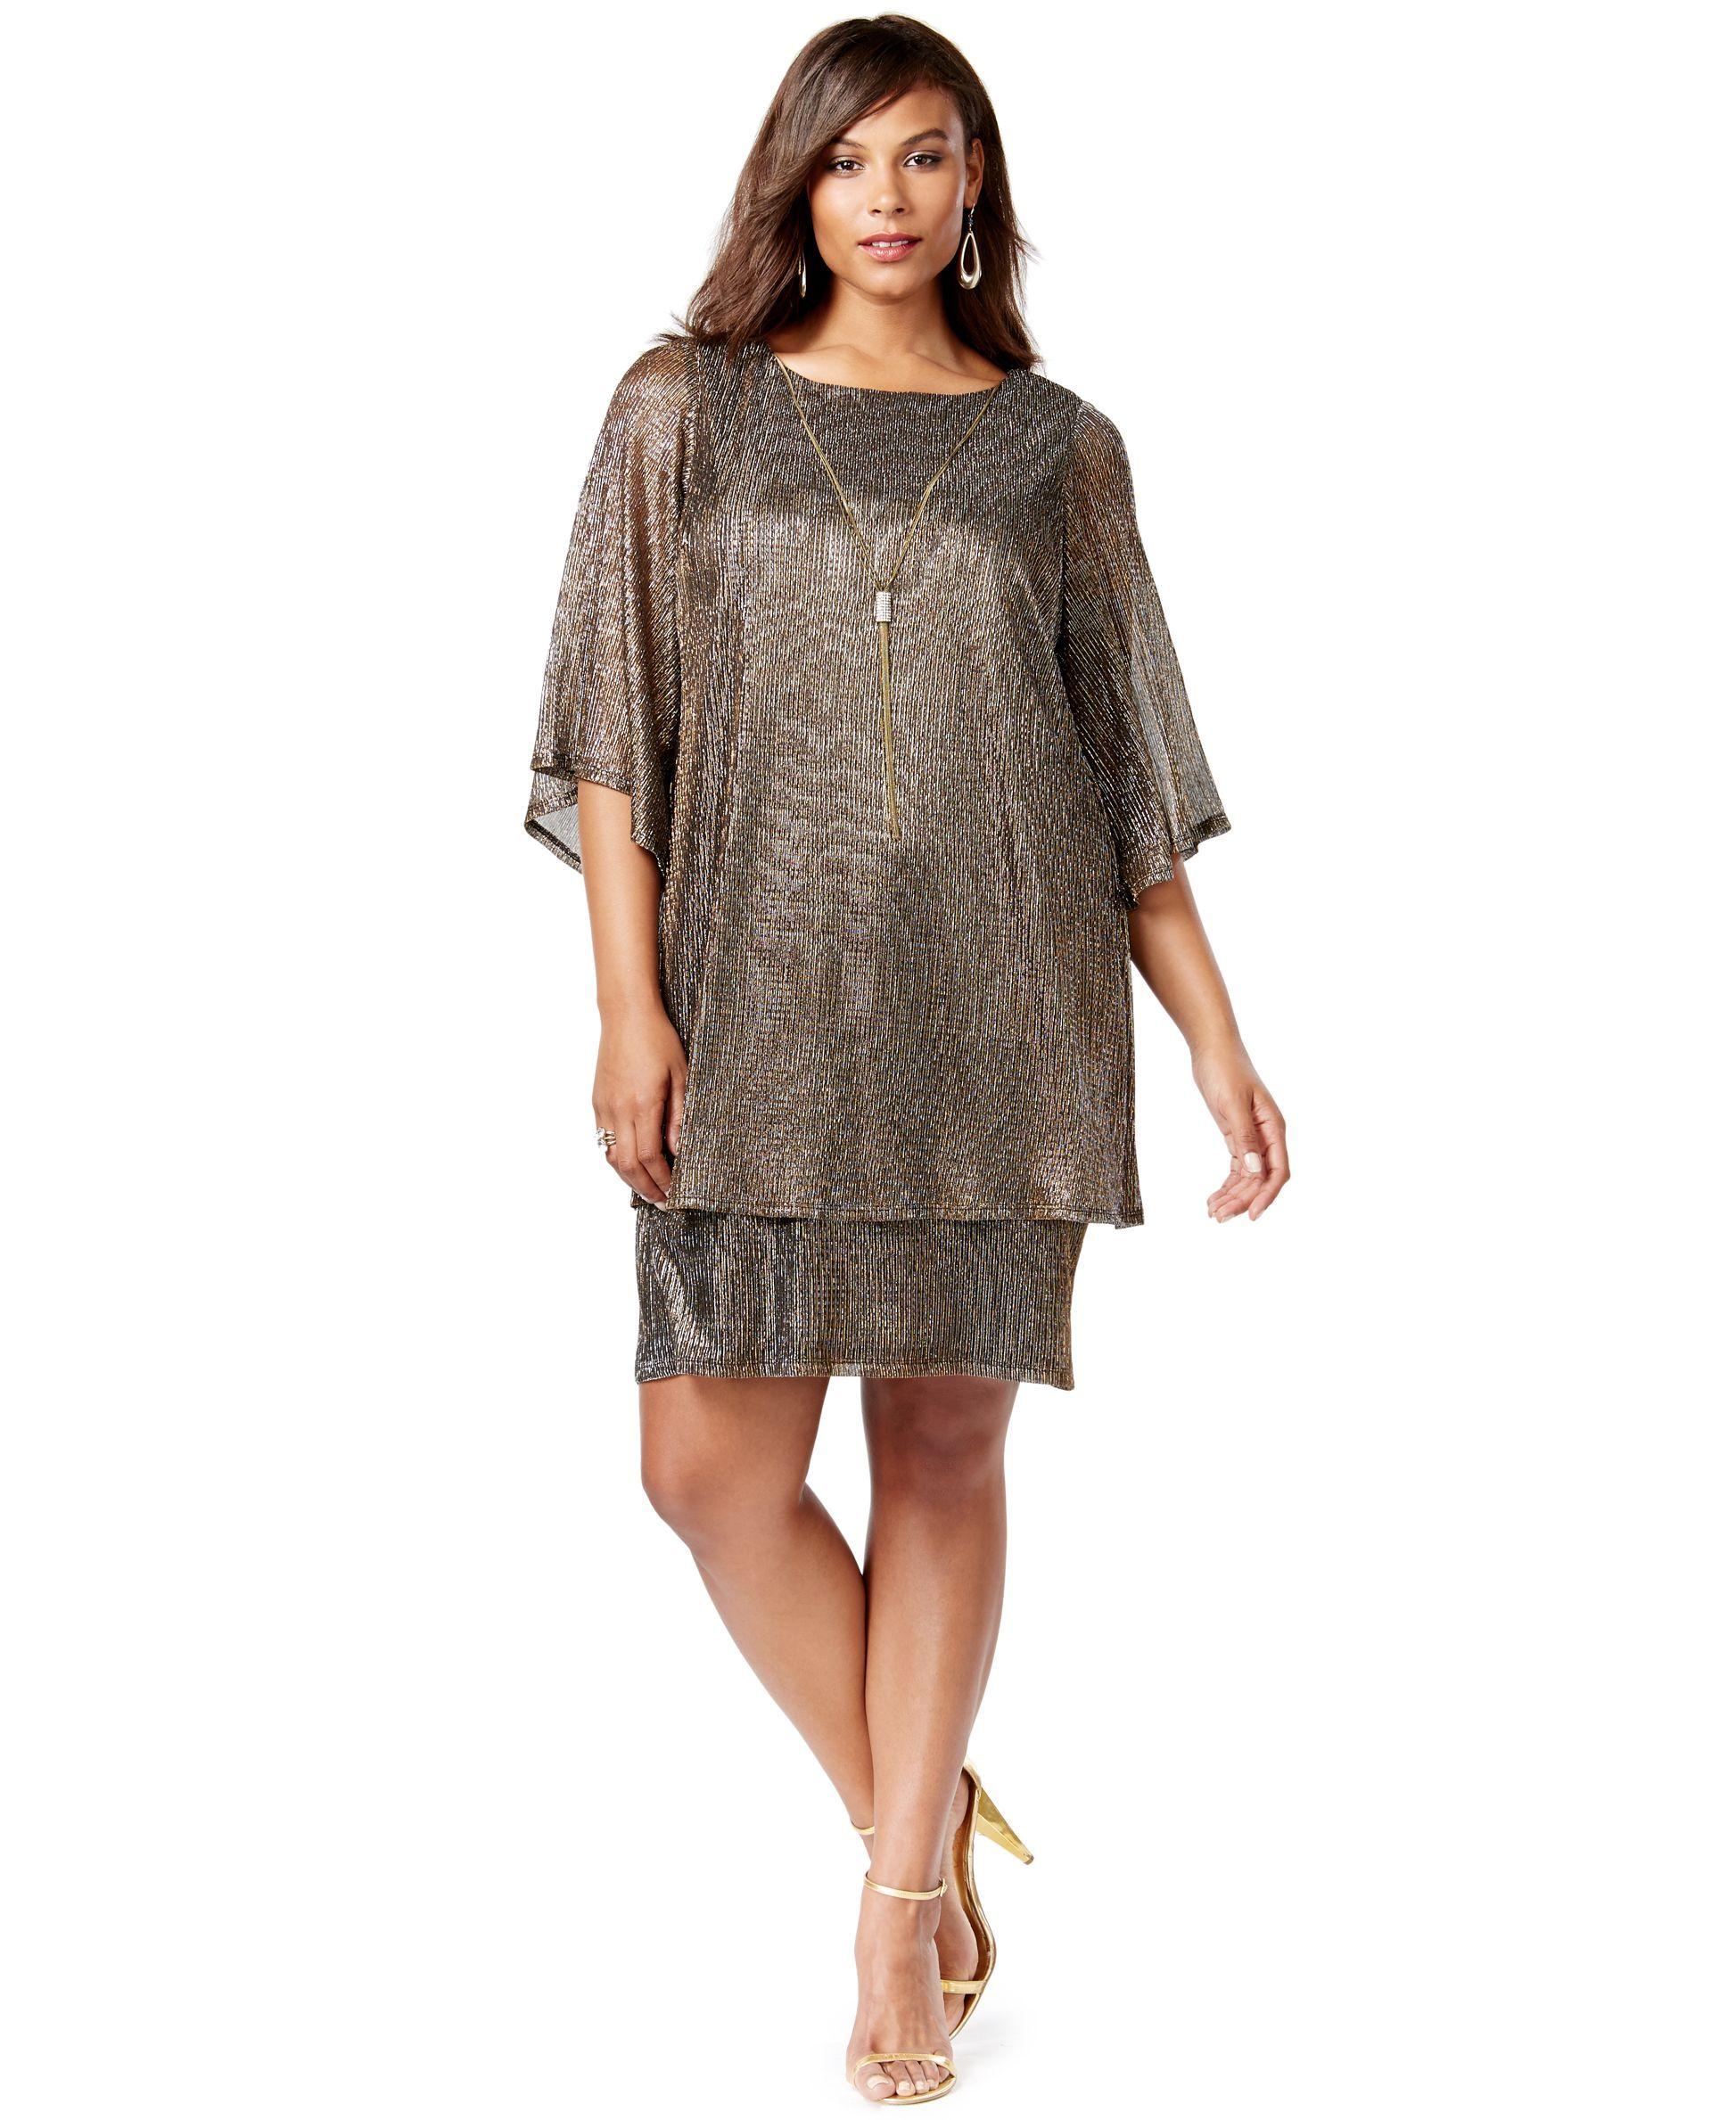 92d51520c Jessica Howard Plus Size Popover Cape Dress